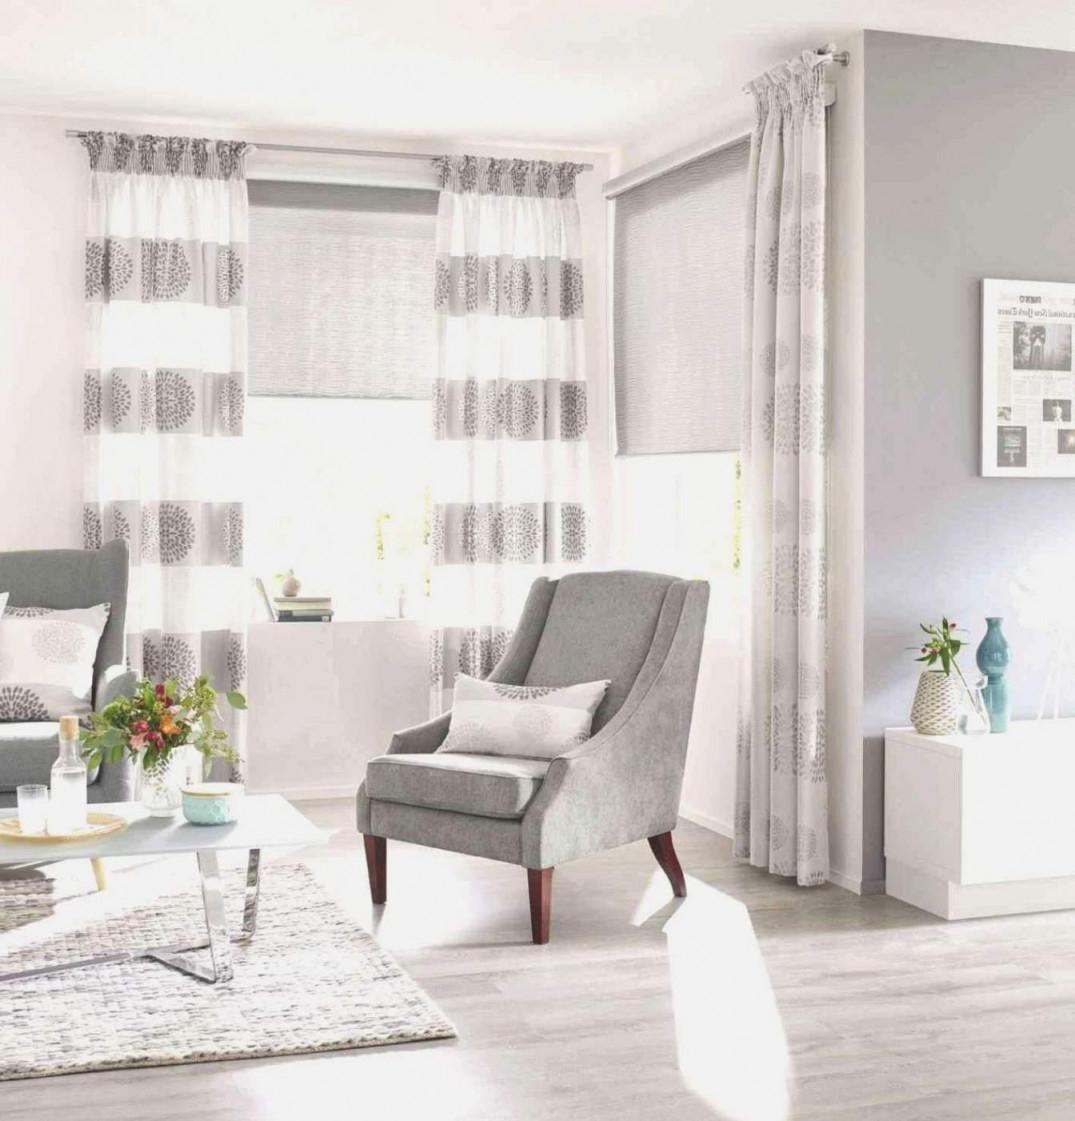 37 Luxus Moderne Gardinen Wohnzimmer Inspirierend von Luxus Gardinen Für Wohnzimmer Bild